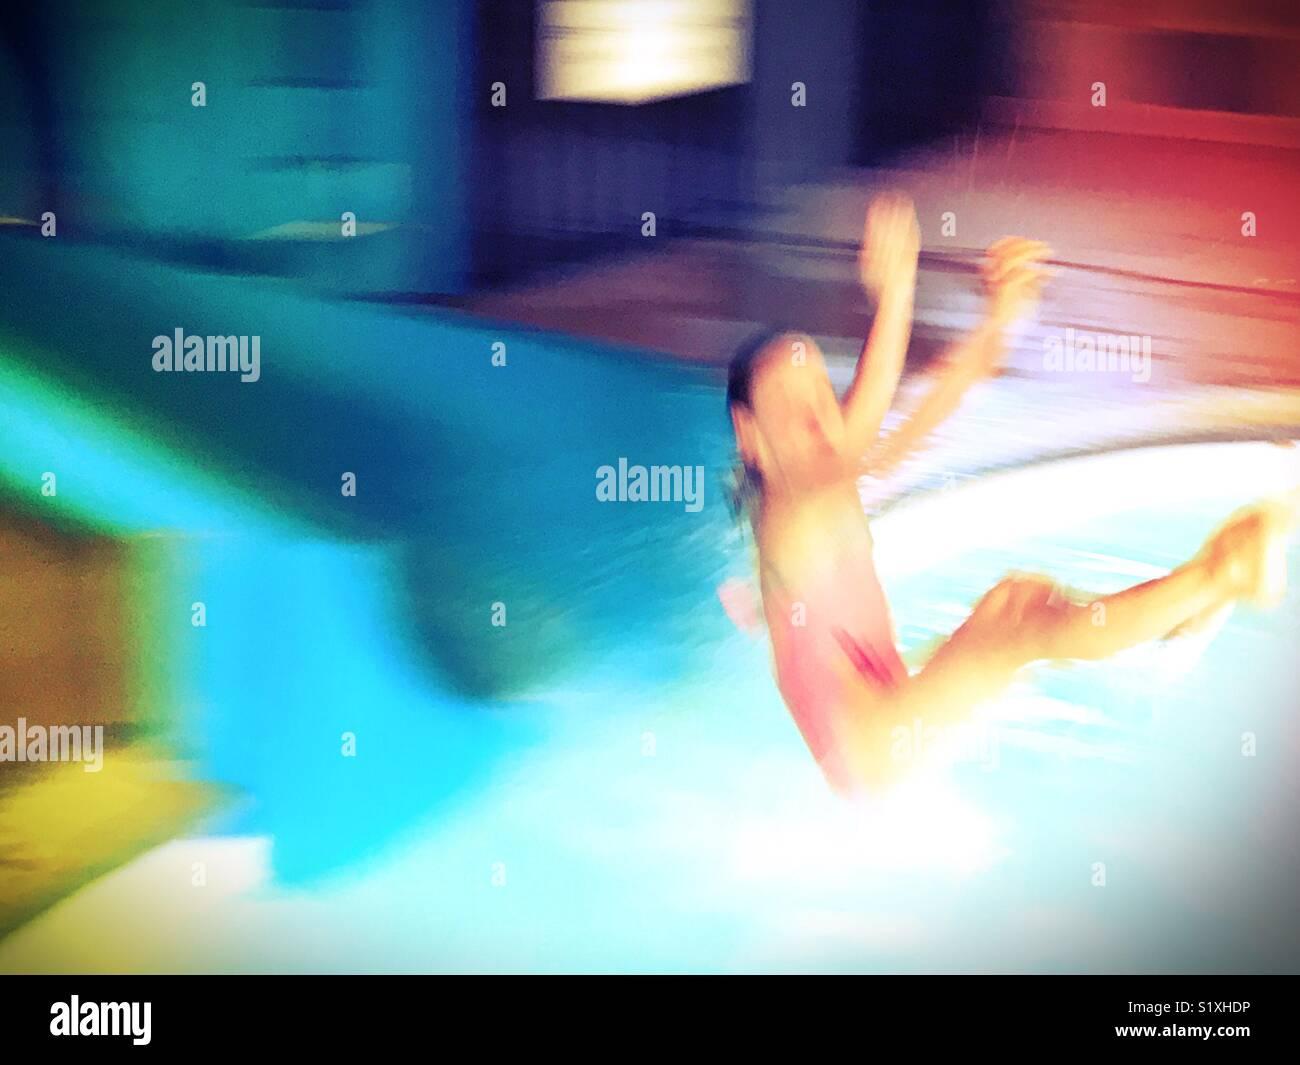 Una chica dispara fuera de un tobogán y roza sobre una piscina. Imagen De Stock